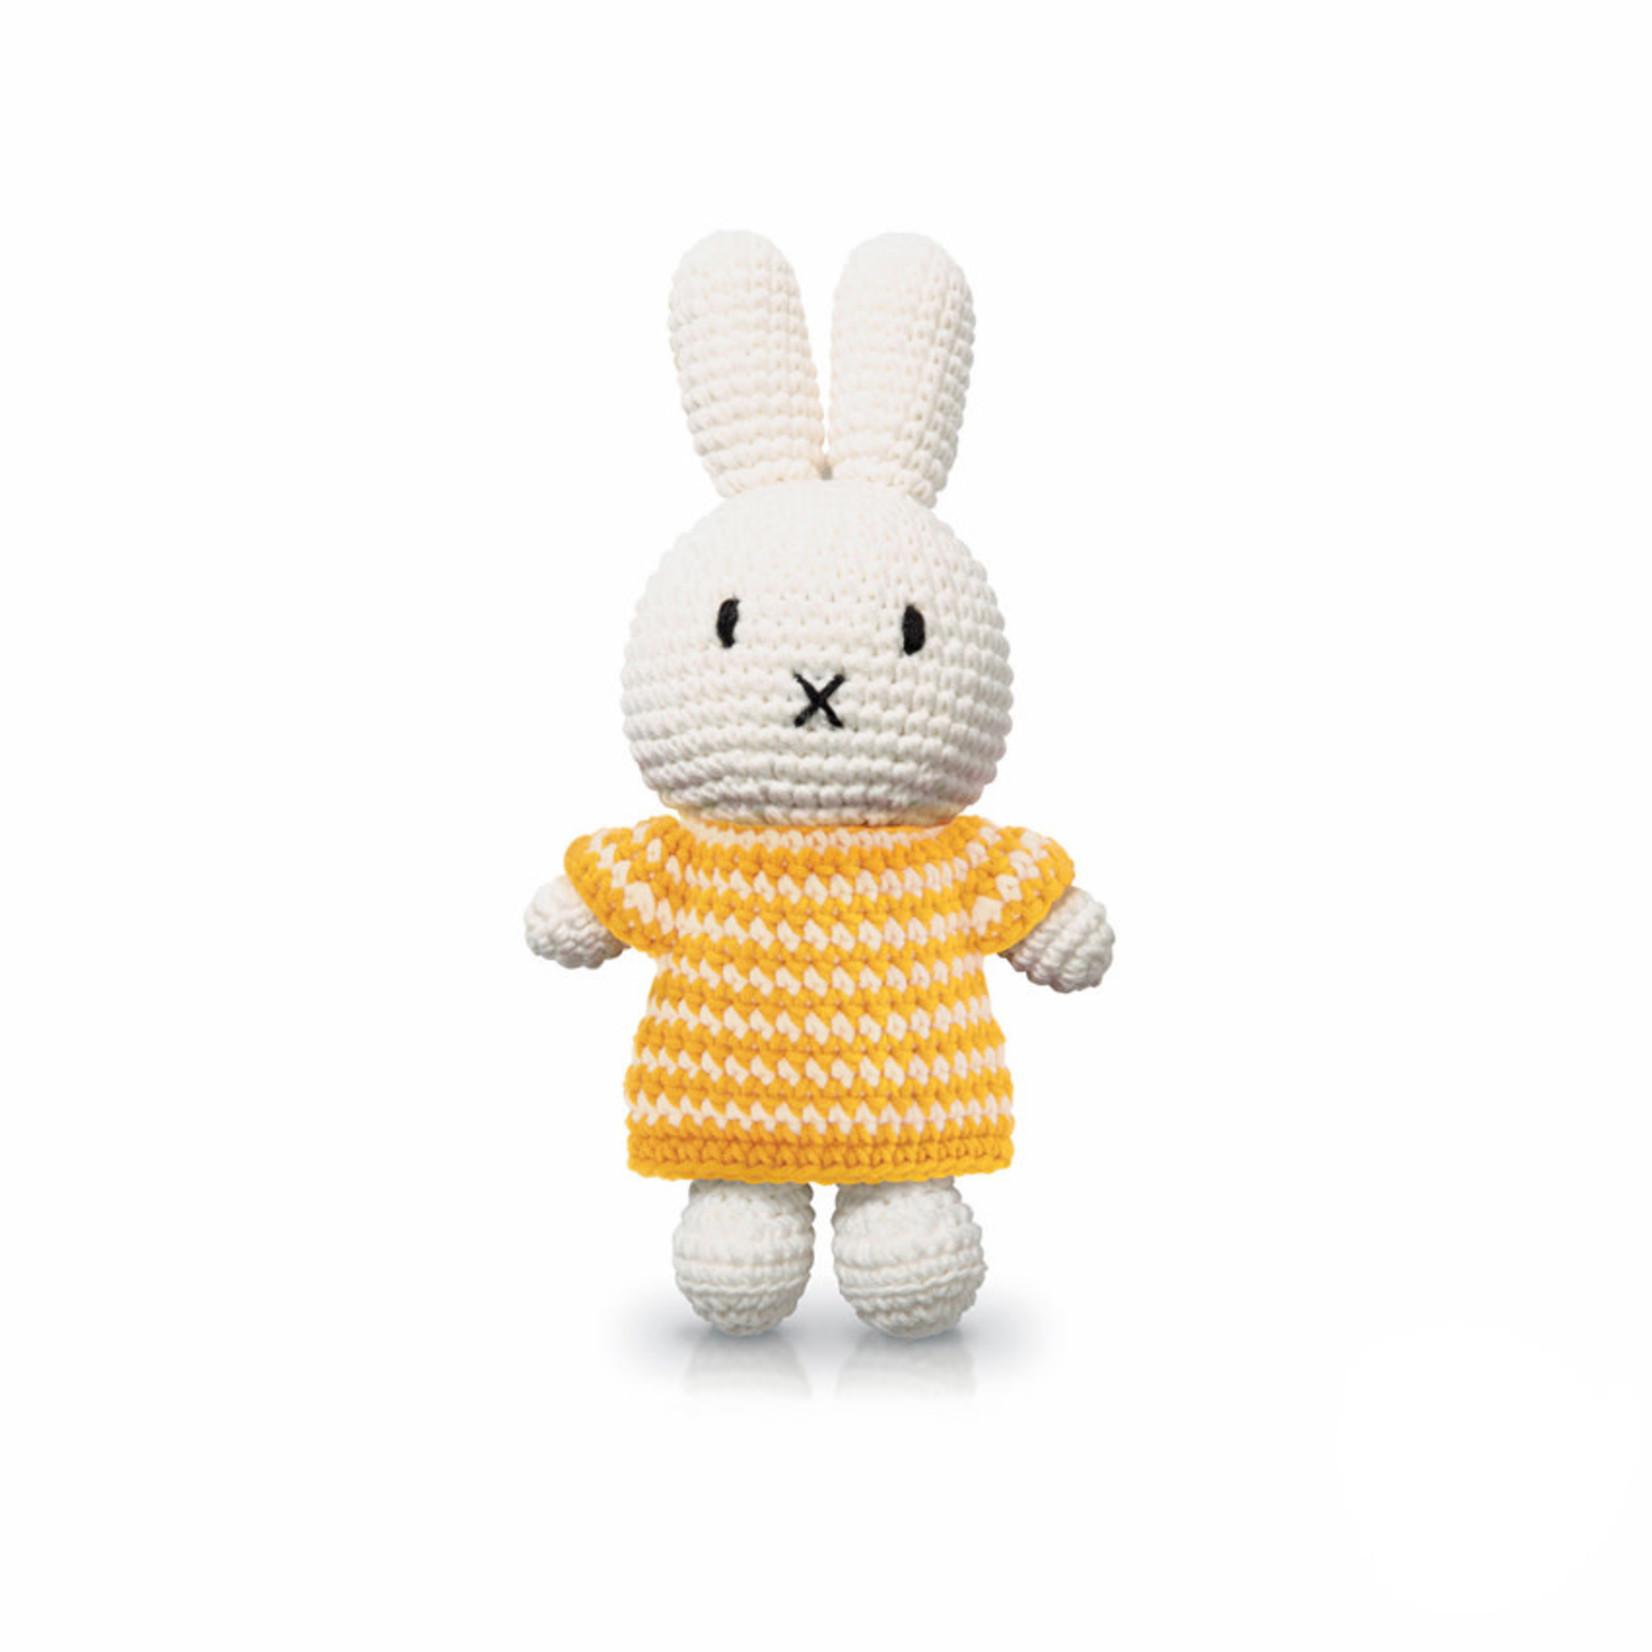 Just Dutch • Nijntje met haar gele gestreepte jurk